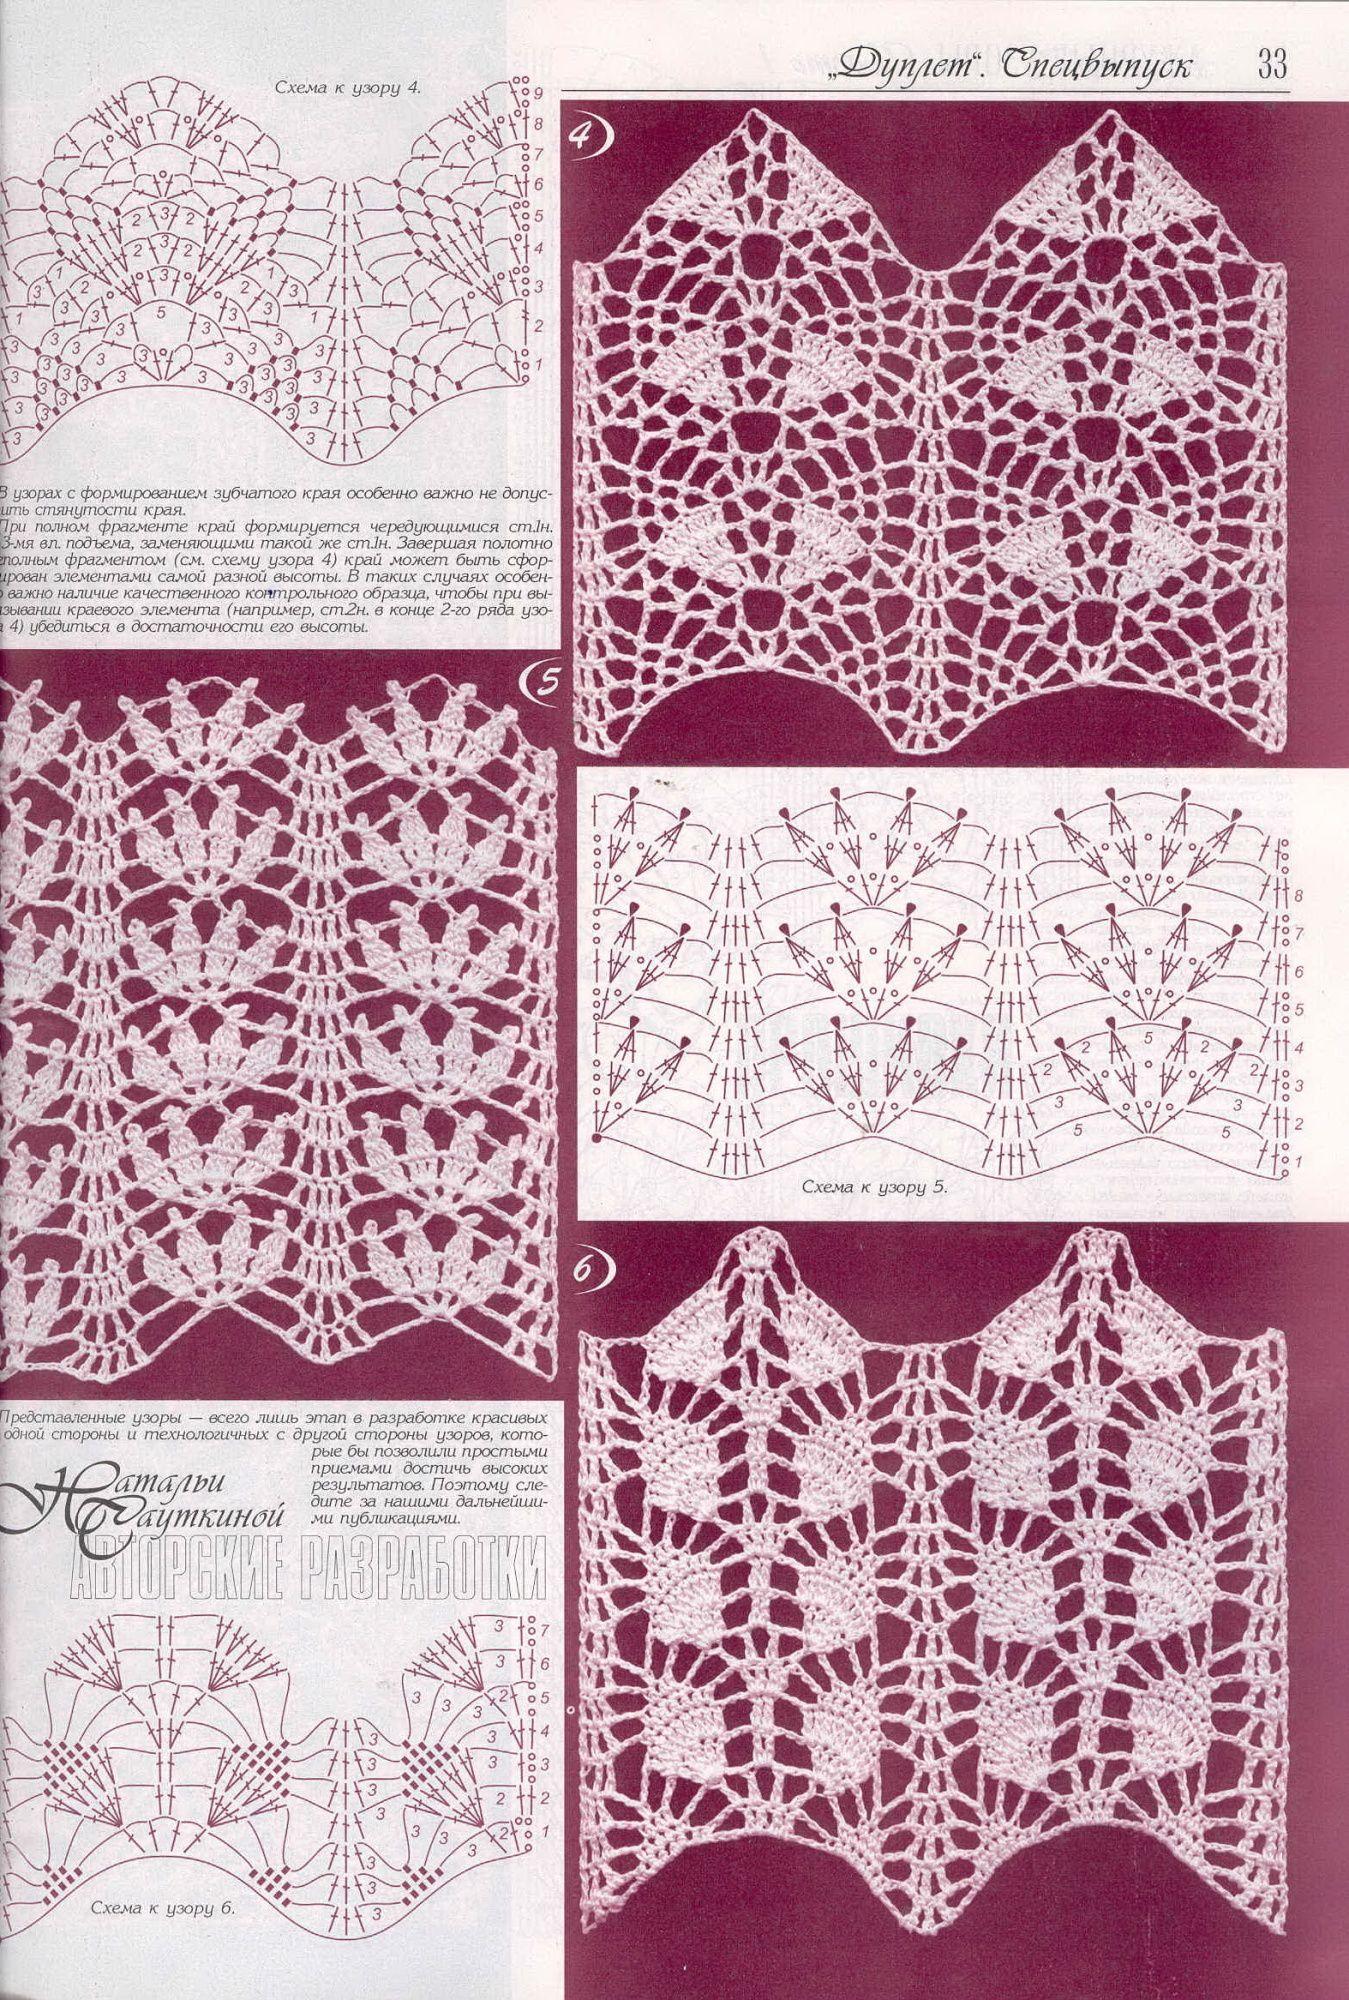 Moderno Picot Patrón De Crochet Ribete Embellecimiento - Manta de ...